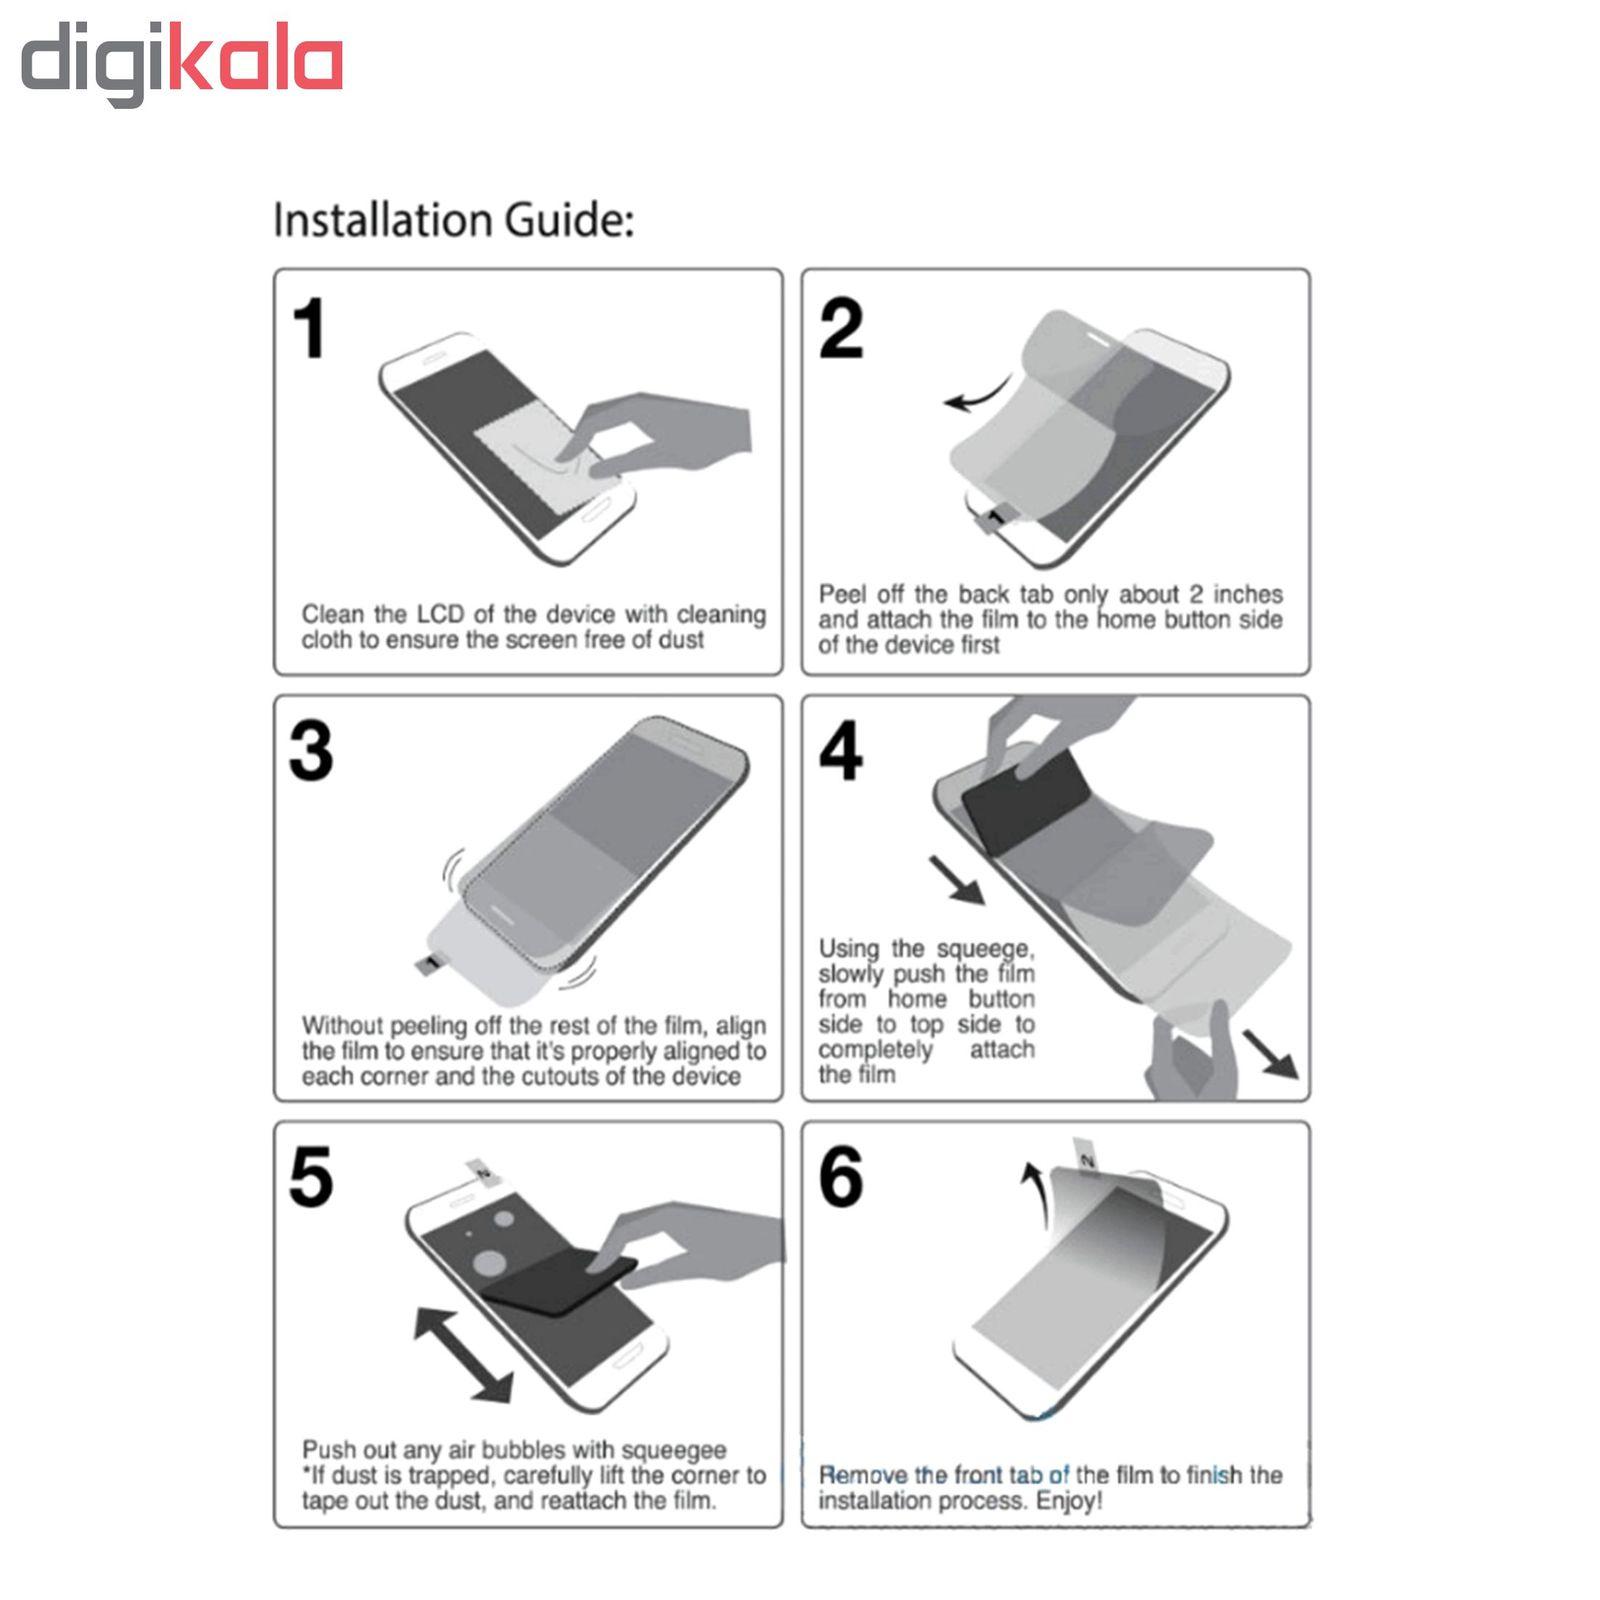 محافظ صفحه نمایش Hard and thick مدل F-001 مناسب برای گوشی موبایل سامسونگ Galaxy S10 plus main 1 7